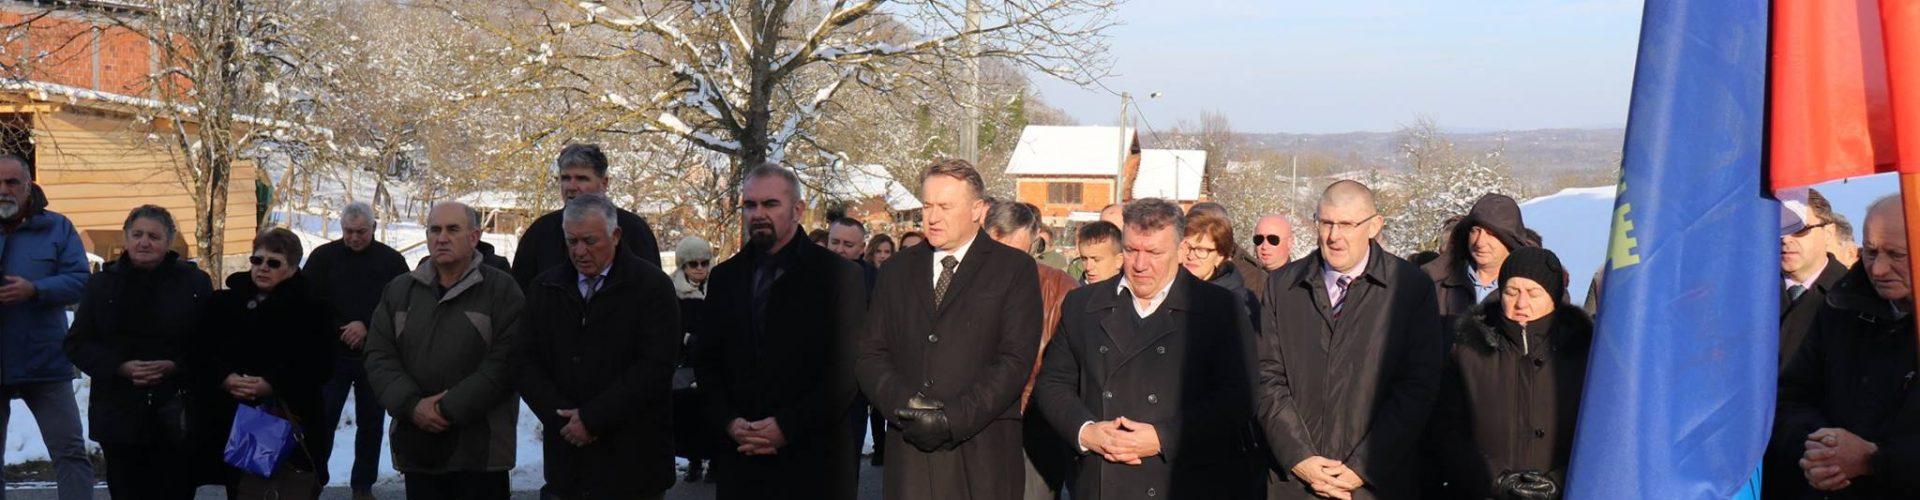 Obilježena 27. obljetnica stradanja mještana naselja Joševica u Domovinskom ratu